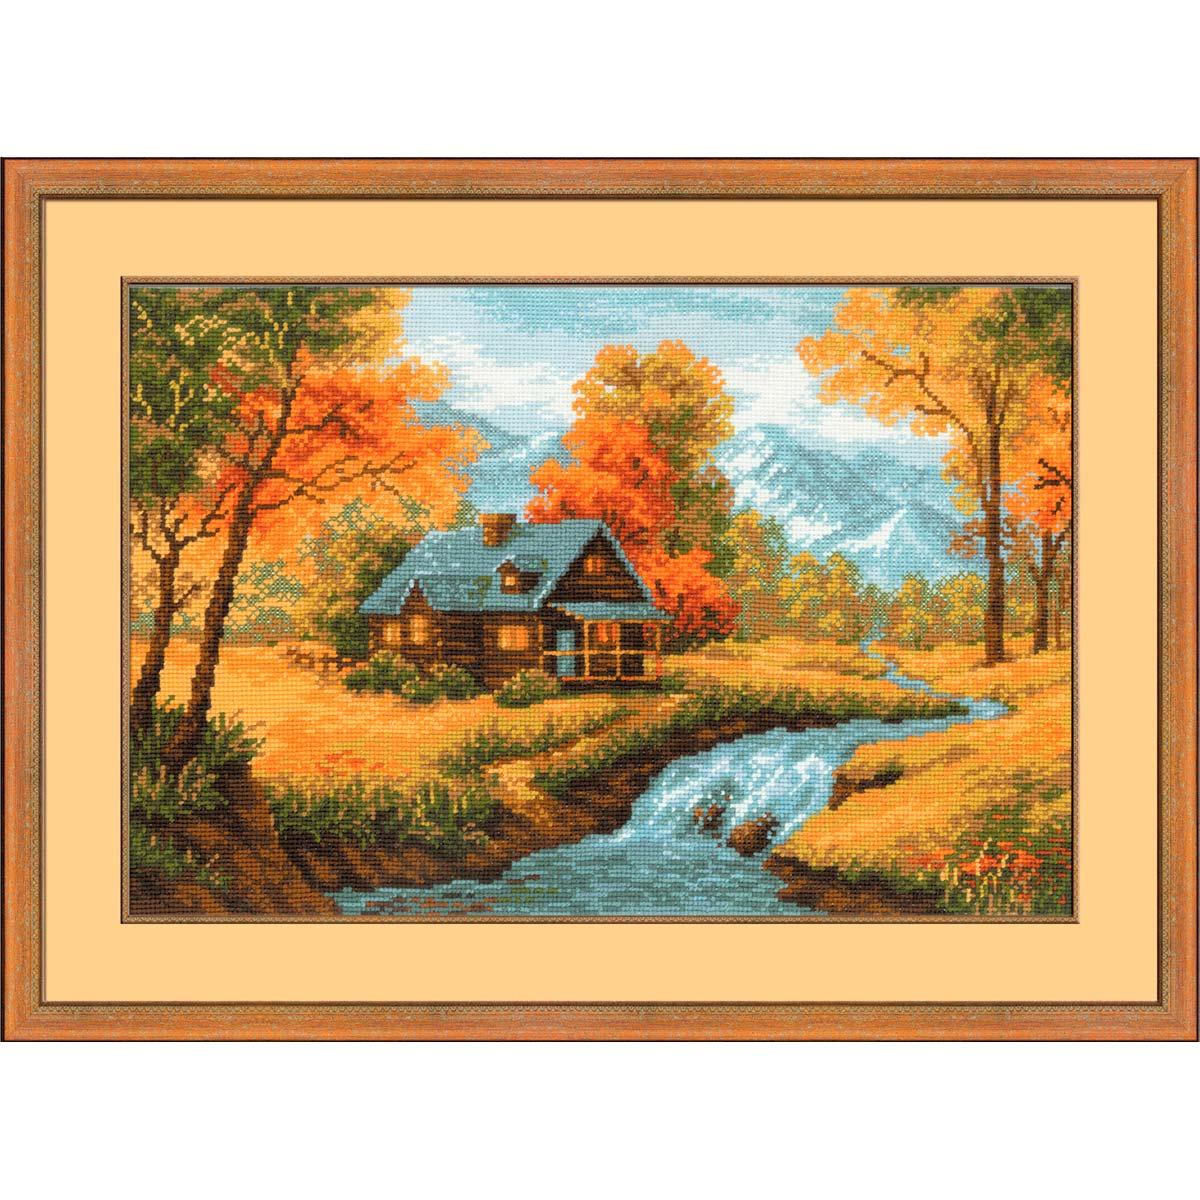 1079 Набор для вышивания Riolis 'Осенний пейзаж', 38*26 см